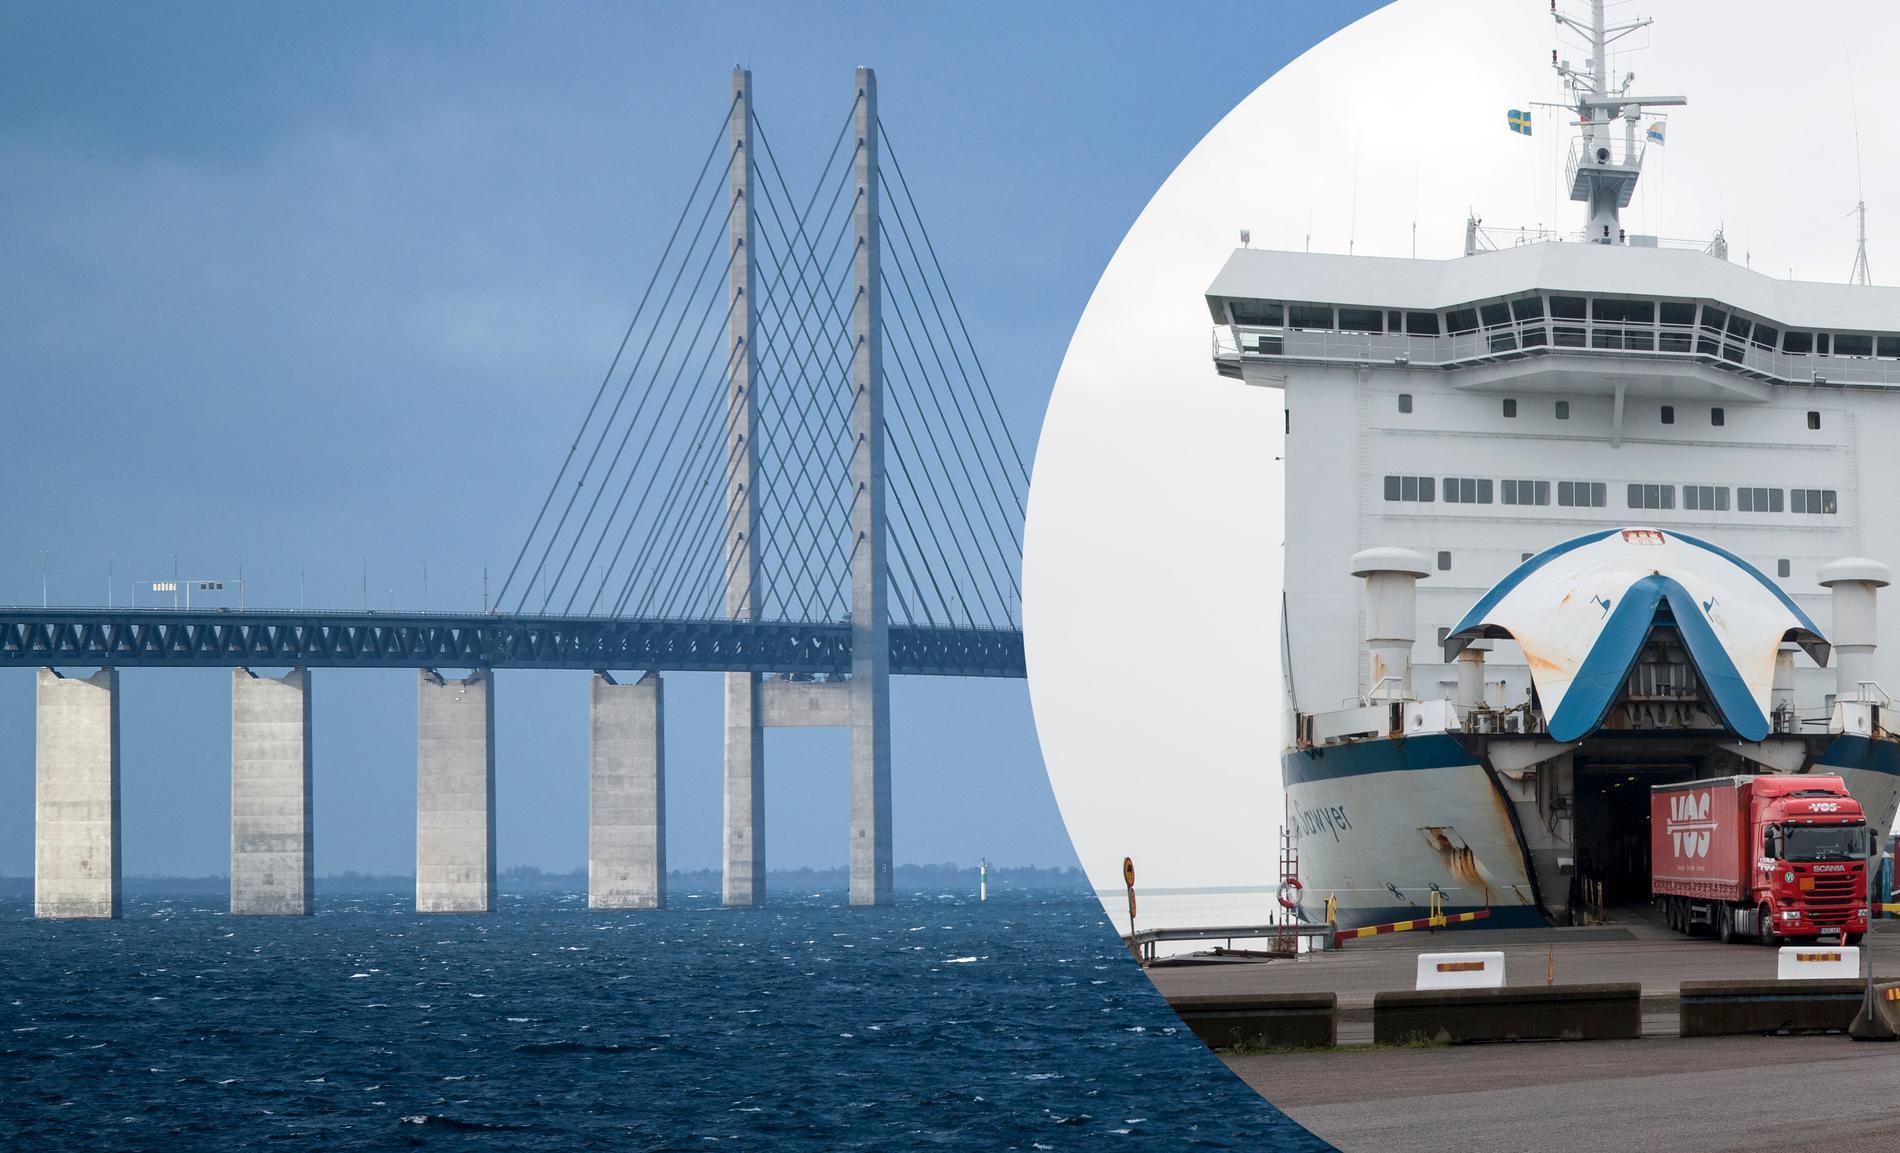 Stulna lyxbilar i Malmö försvinner snabbt österut, antingen via Öresundsbron eller en färja, säger Mats Galvenius, vd på Larmtjänst.